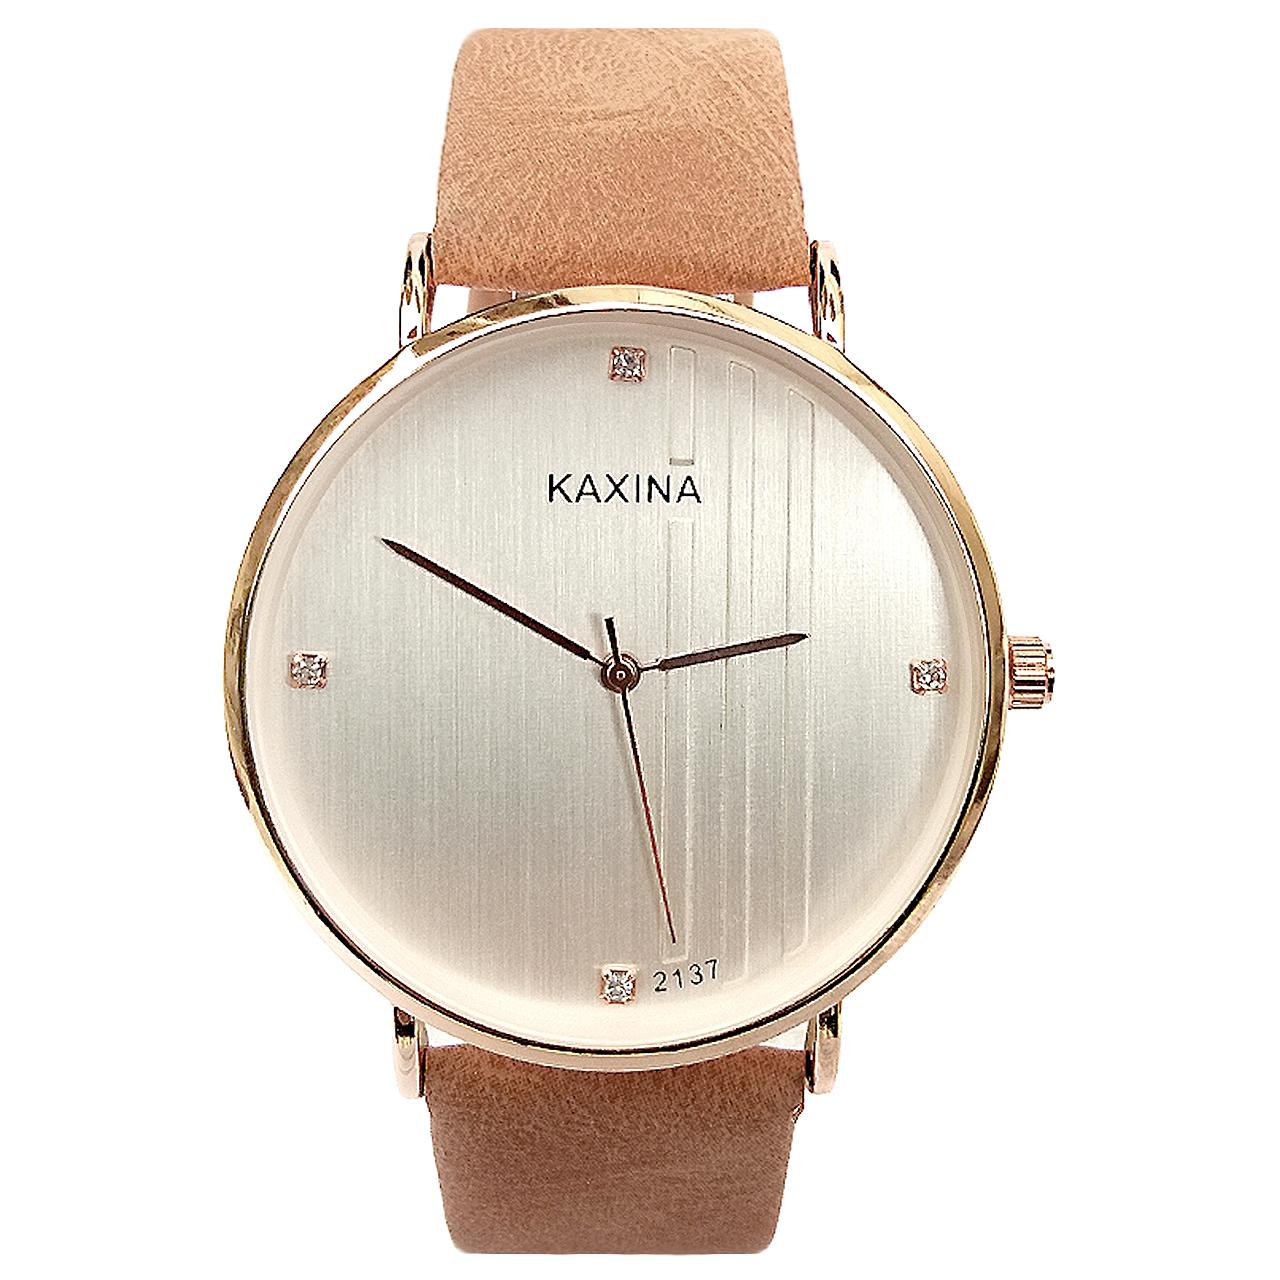 ساعت مچی عقربه ای  کاکسینا مدل 2137